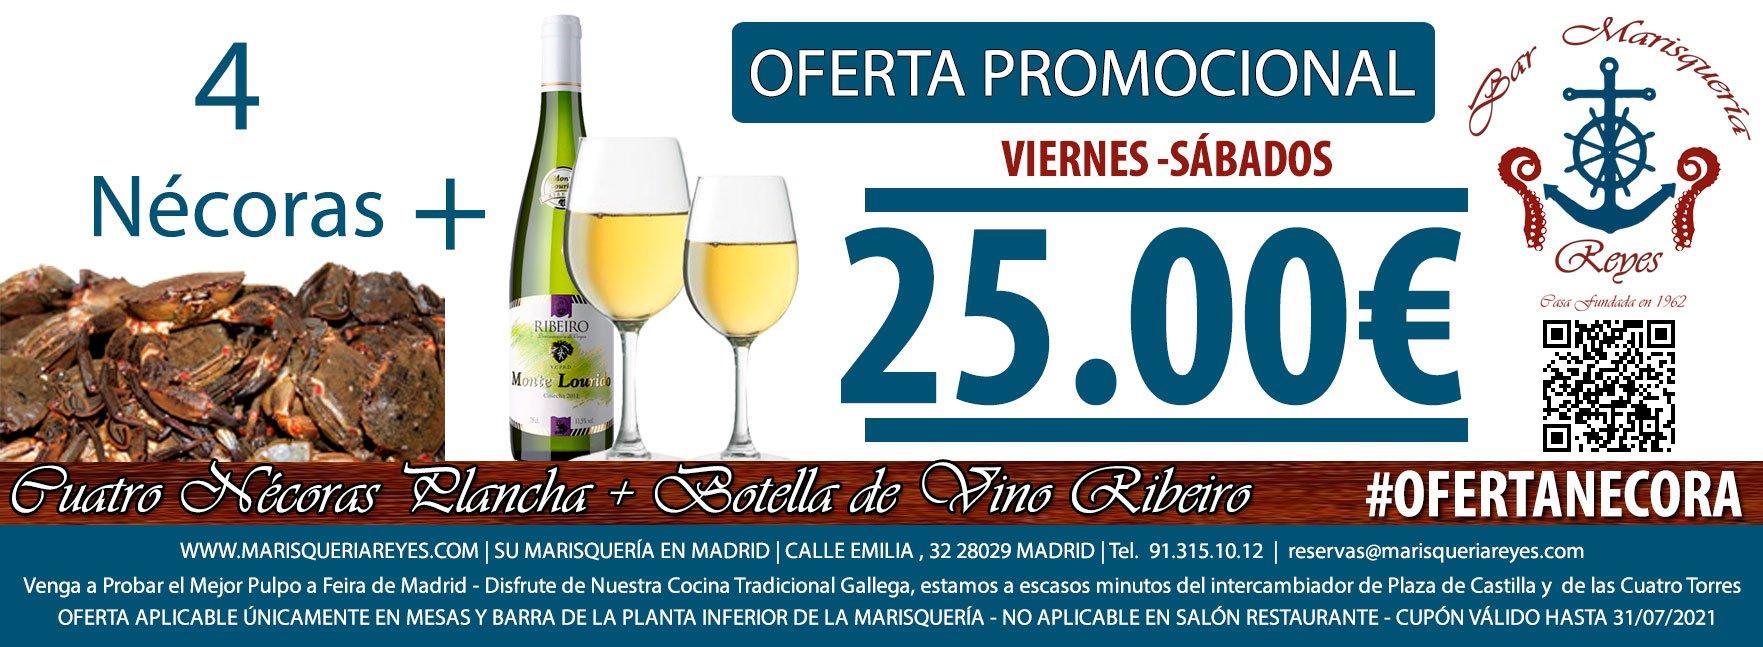 Promoción Oferta 4 Nécoras + Botella de Ribeiro 25 € Las Mejores Nécoras de Madrid en Marisquería Reyes, a Escasos Metros de Plaza de Castilla